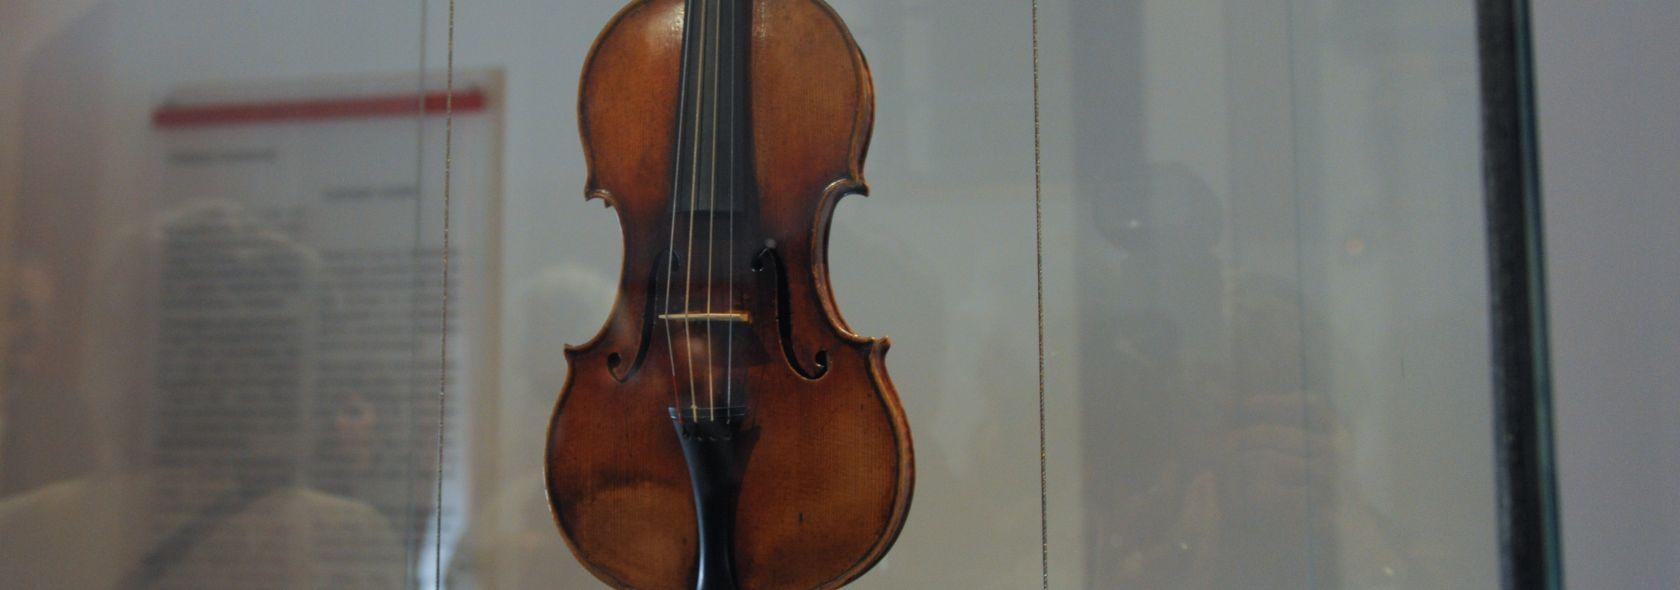 """Il violino detto """"Il Cannone"""" - Palazzo Tursi Sala Paganini - foto: Studio Leoni"""